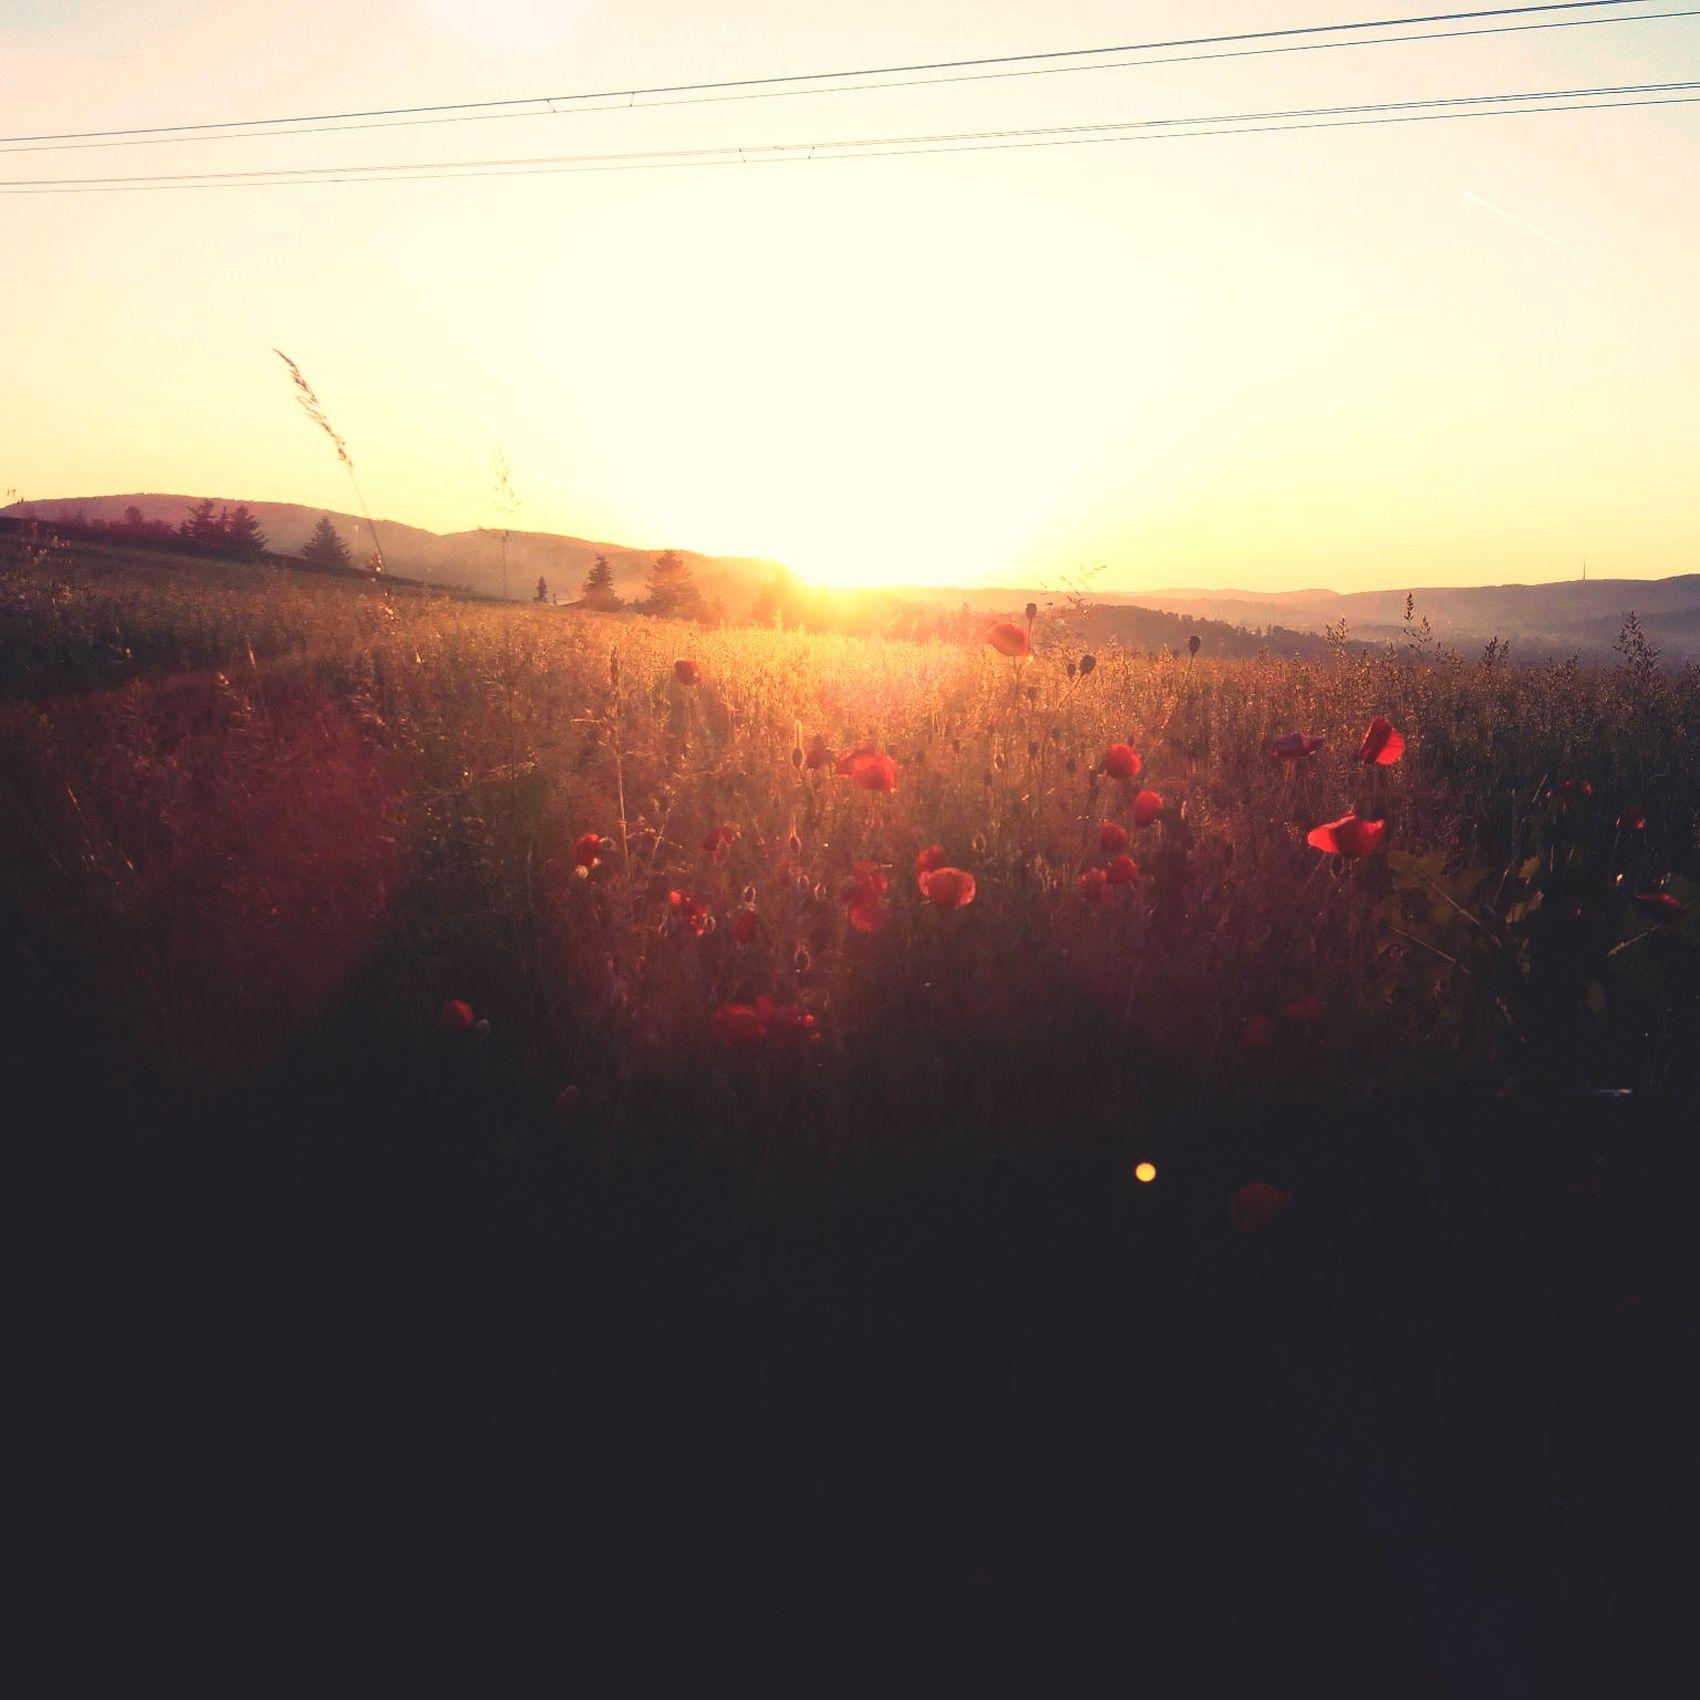 Sunrise Porn 5am Run Nature Refreshing View